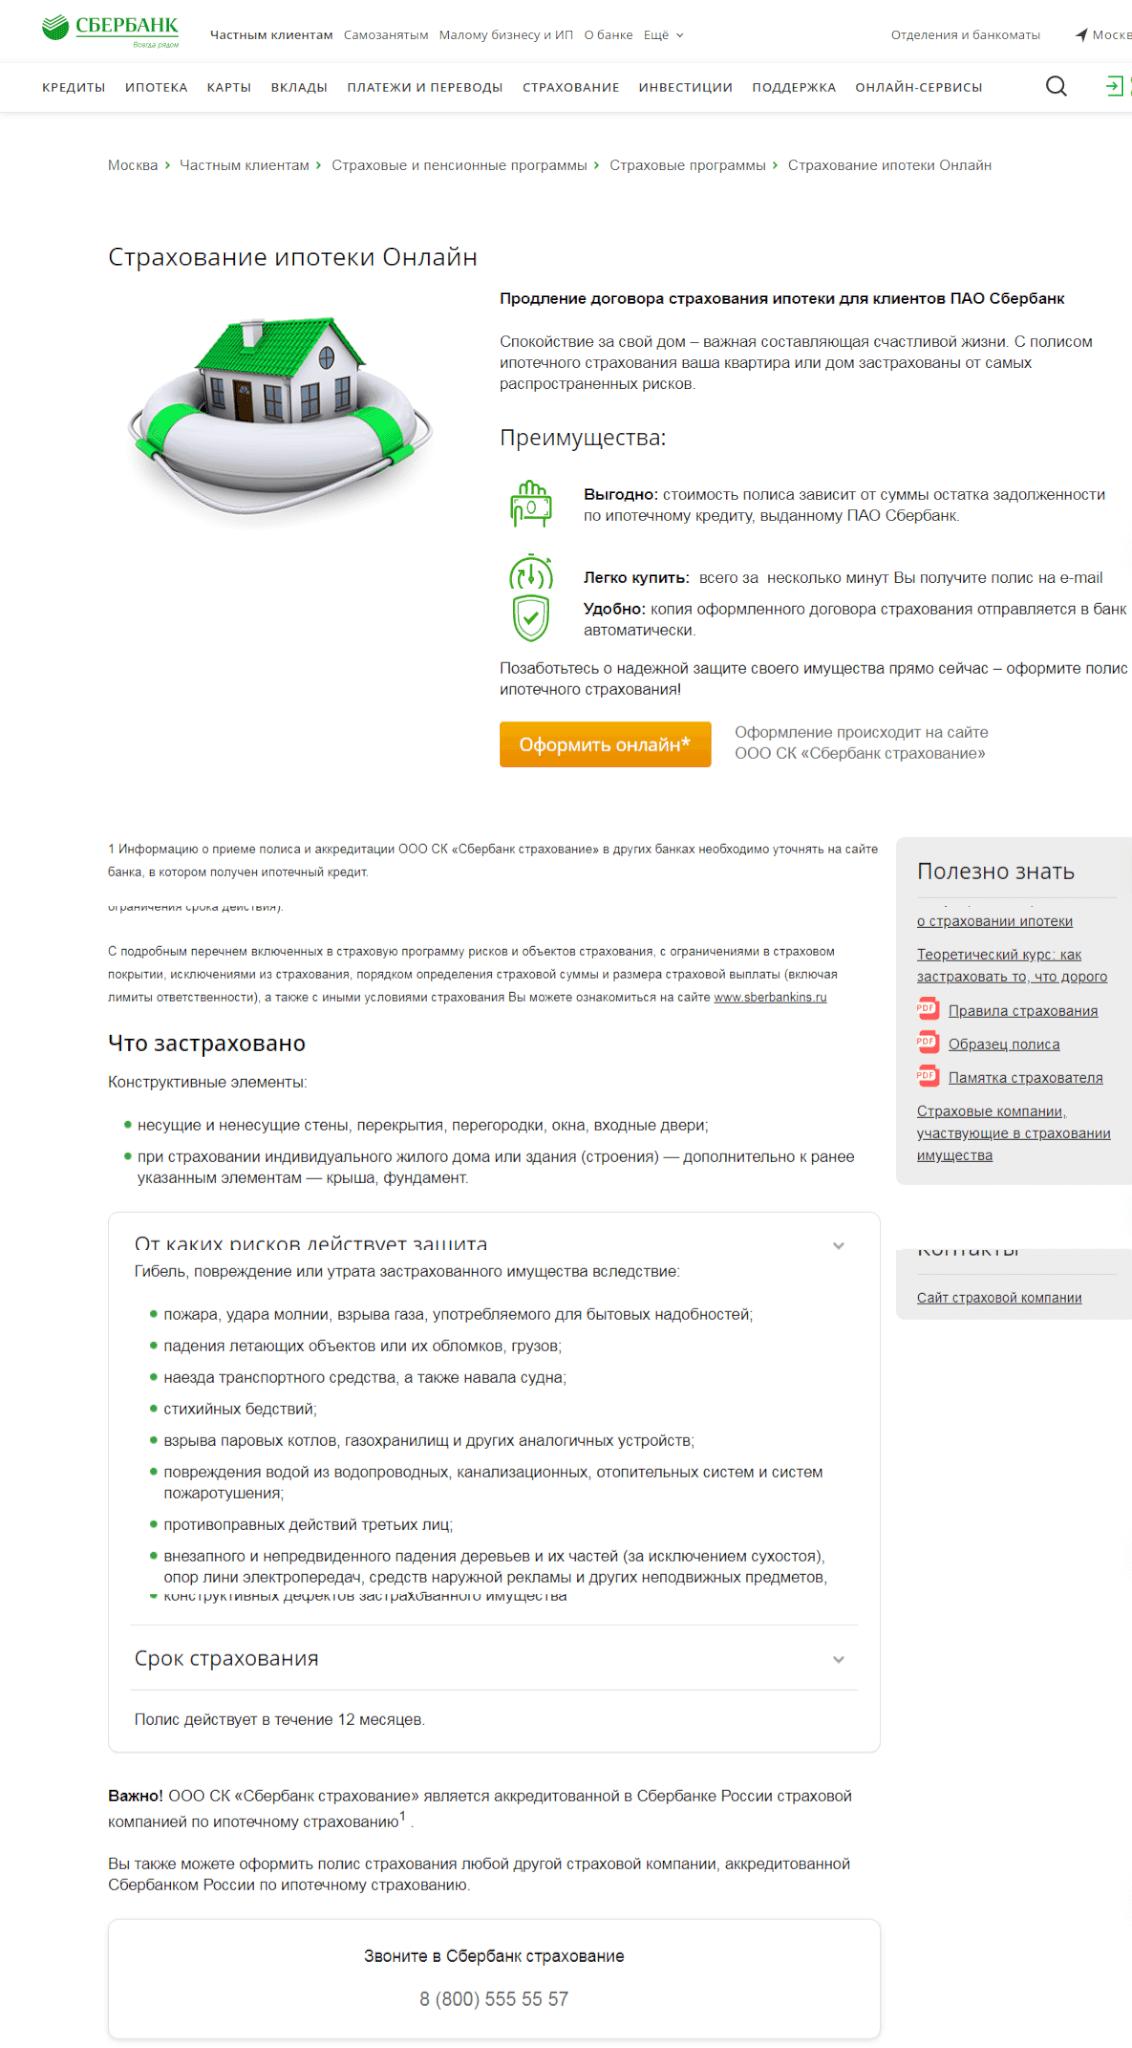 Условия страхования на сайте Сбербанка